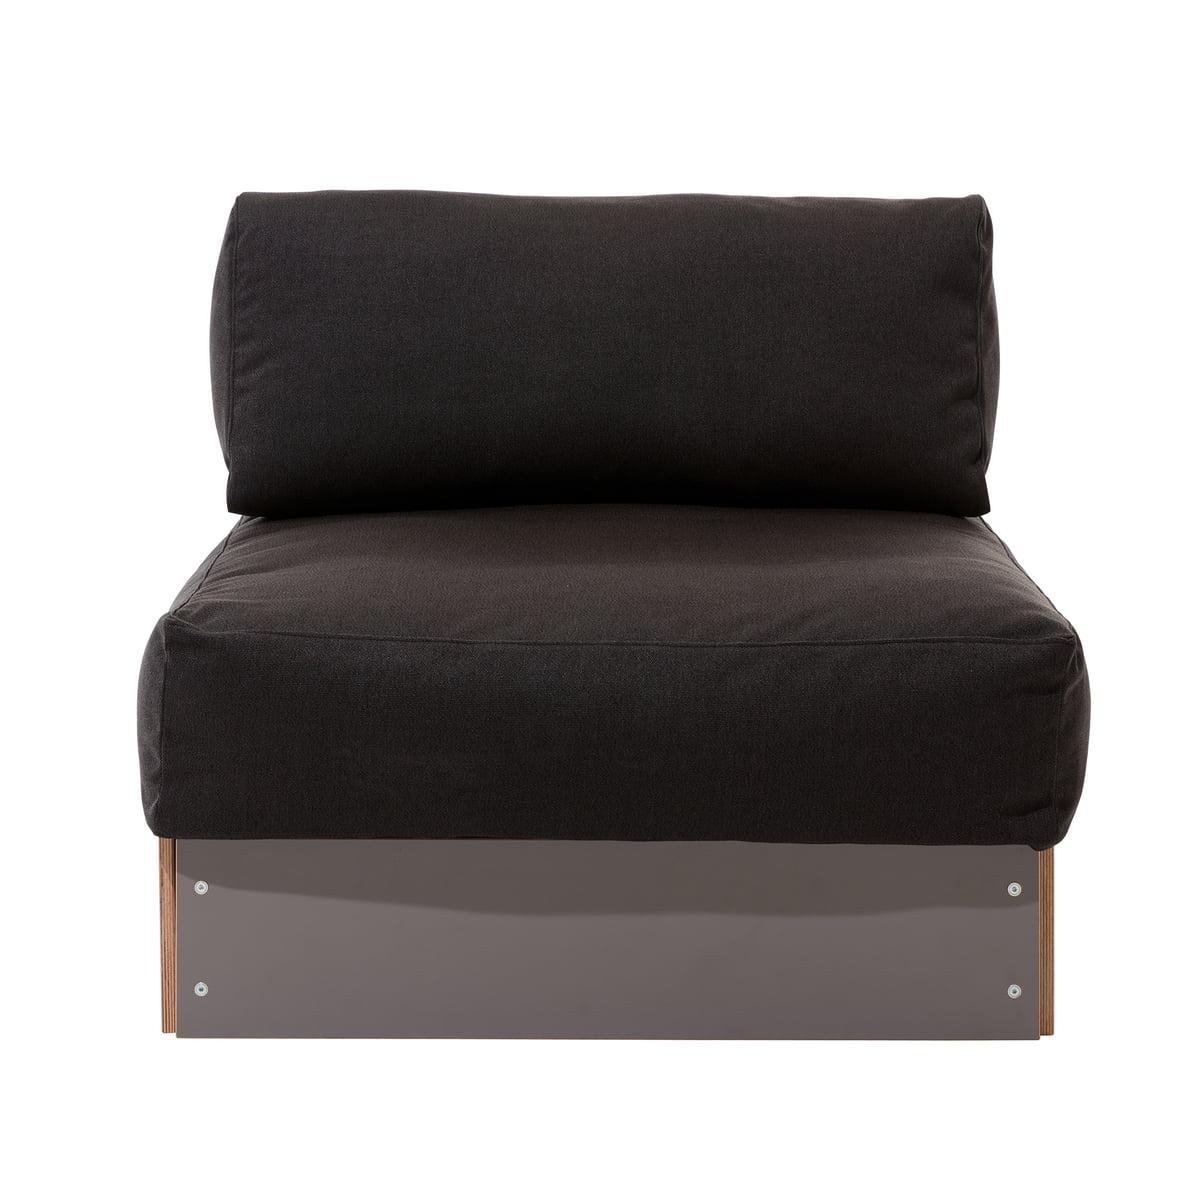 Sofa Bench Single Element By Müller Möbelwerkstätten CPL Anthracite / Dark  Grey (Bergamo No.